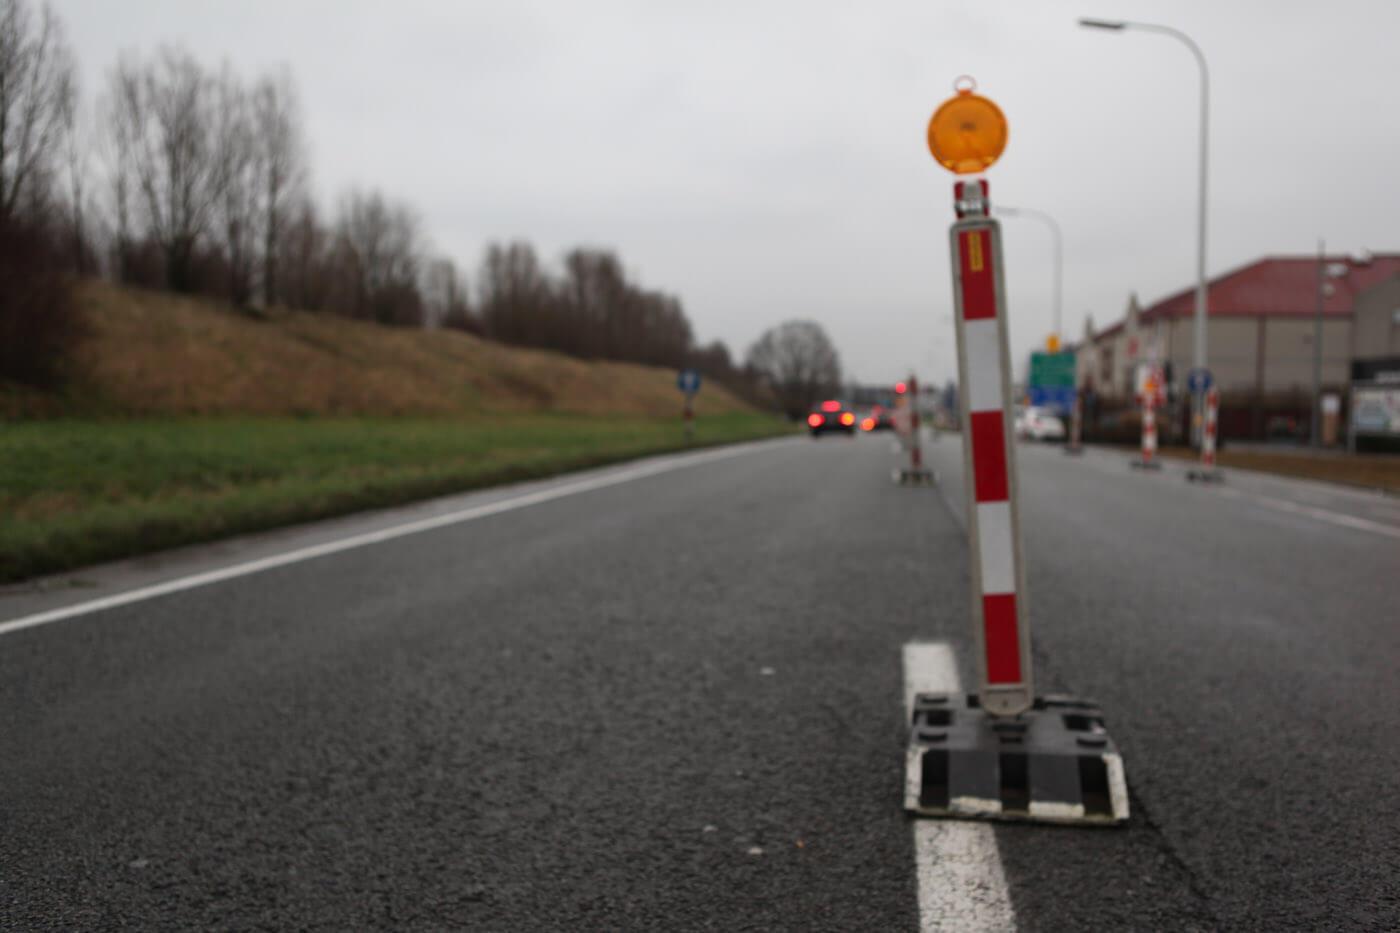 To Sign verhuur wegsignalisatie en mini-gravers Gent verkeersborden